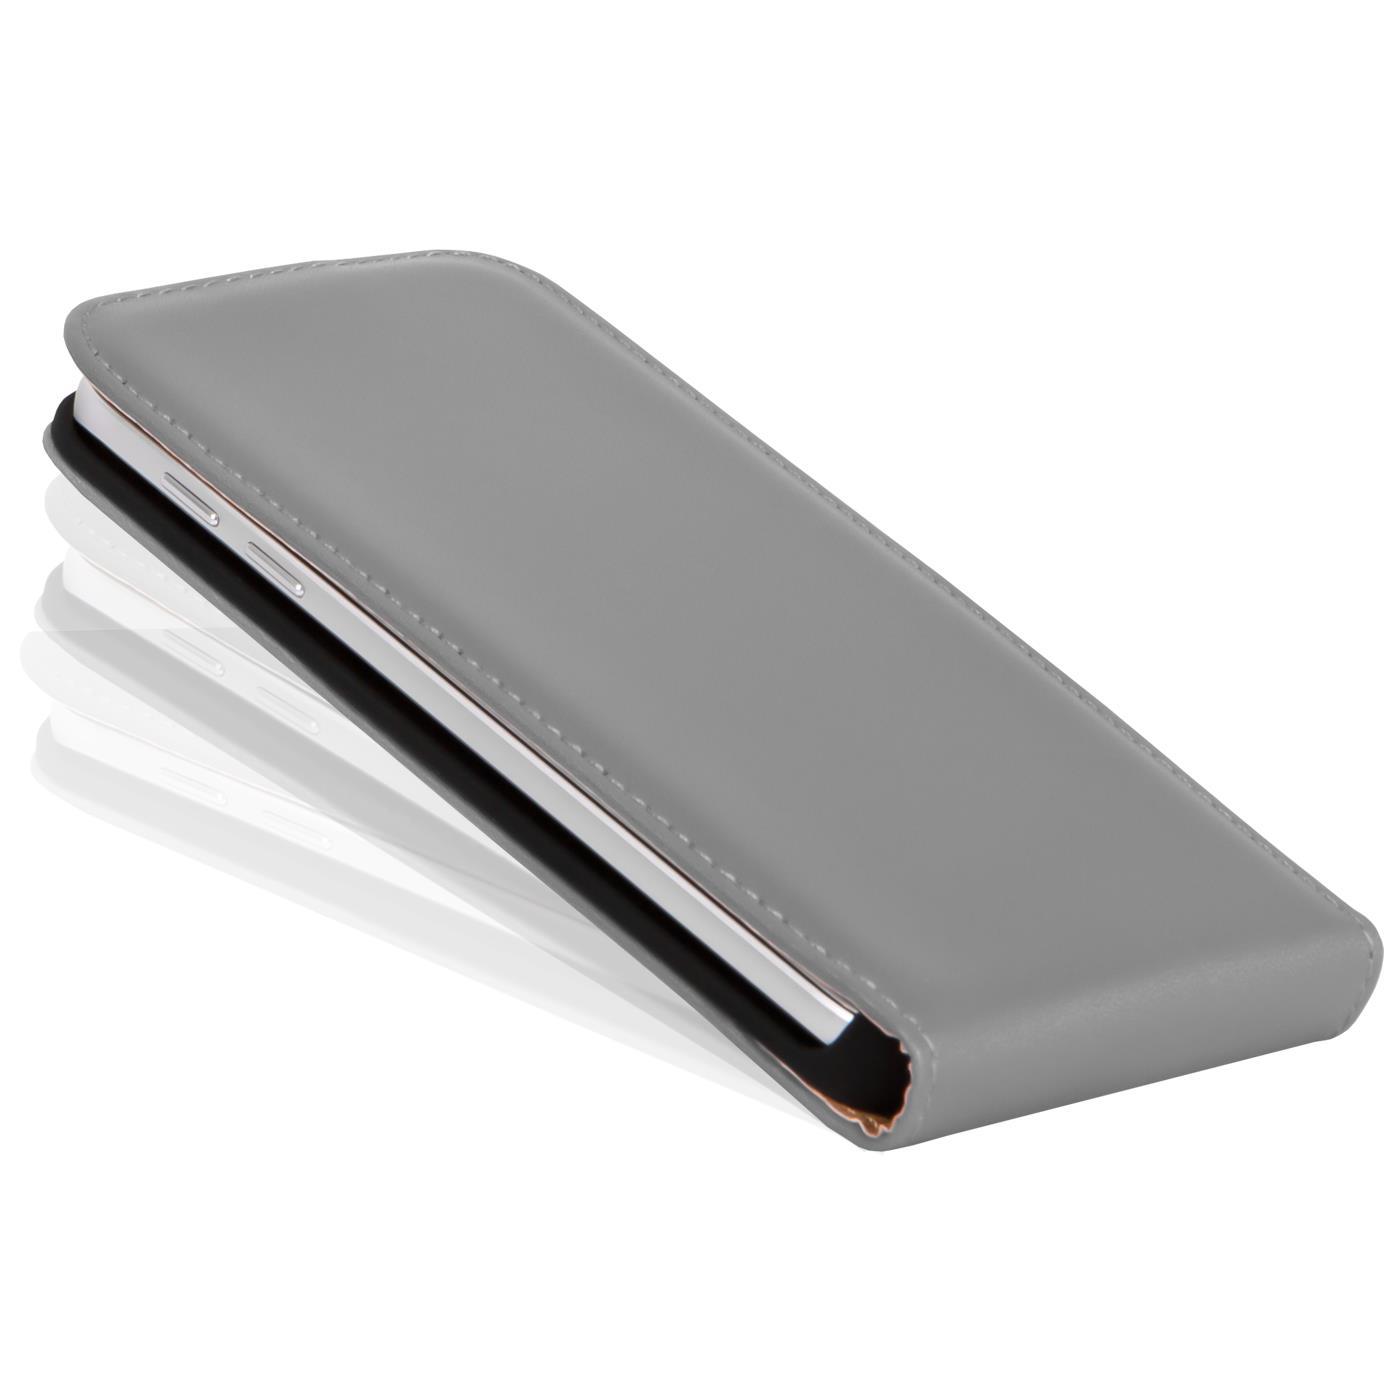 Klapphuelle-Samsung-Galaxy-Flip-Case-Tasche-Schutzhuelle-Cover-Schutz-Handy-Huelle Indexbild 51